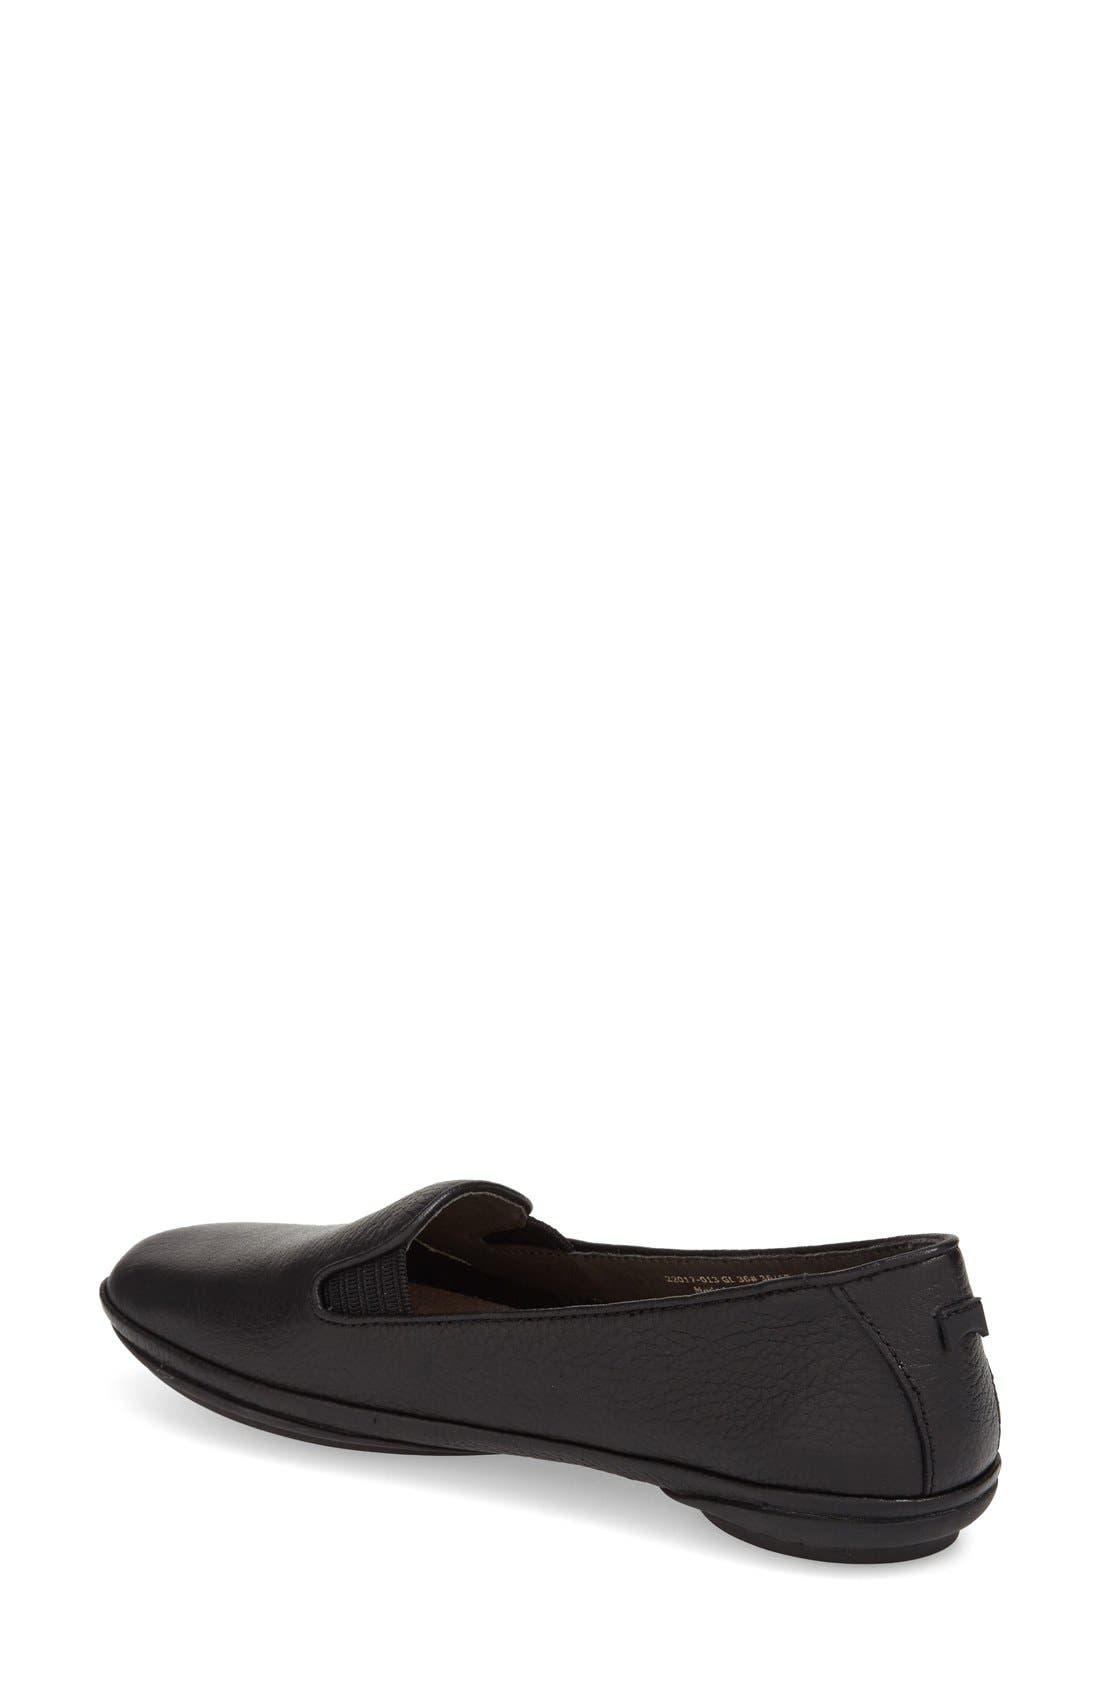 'Right Nina' Leather Flat,                             Alternate thumbnail 2, color,                             Black/ Black Leather